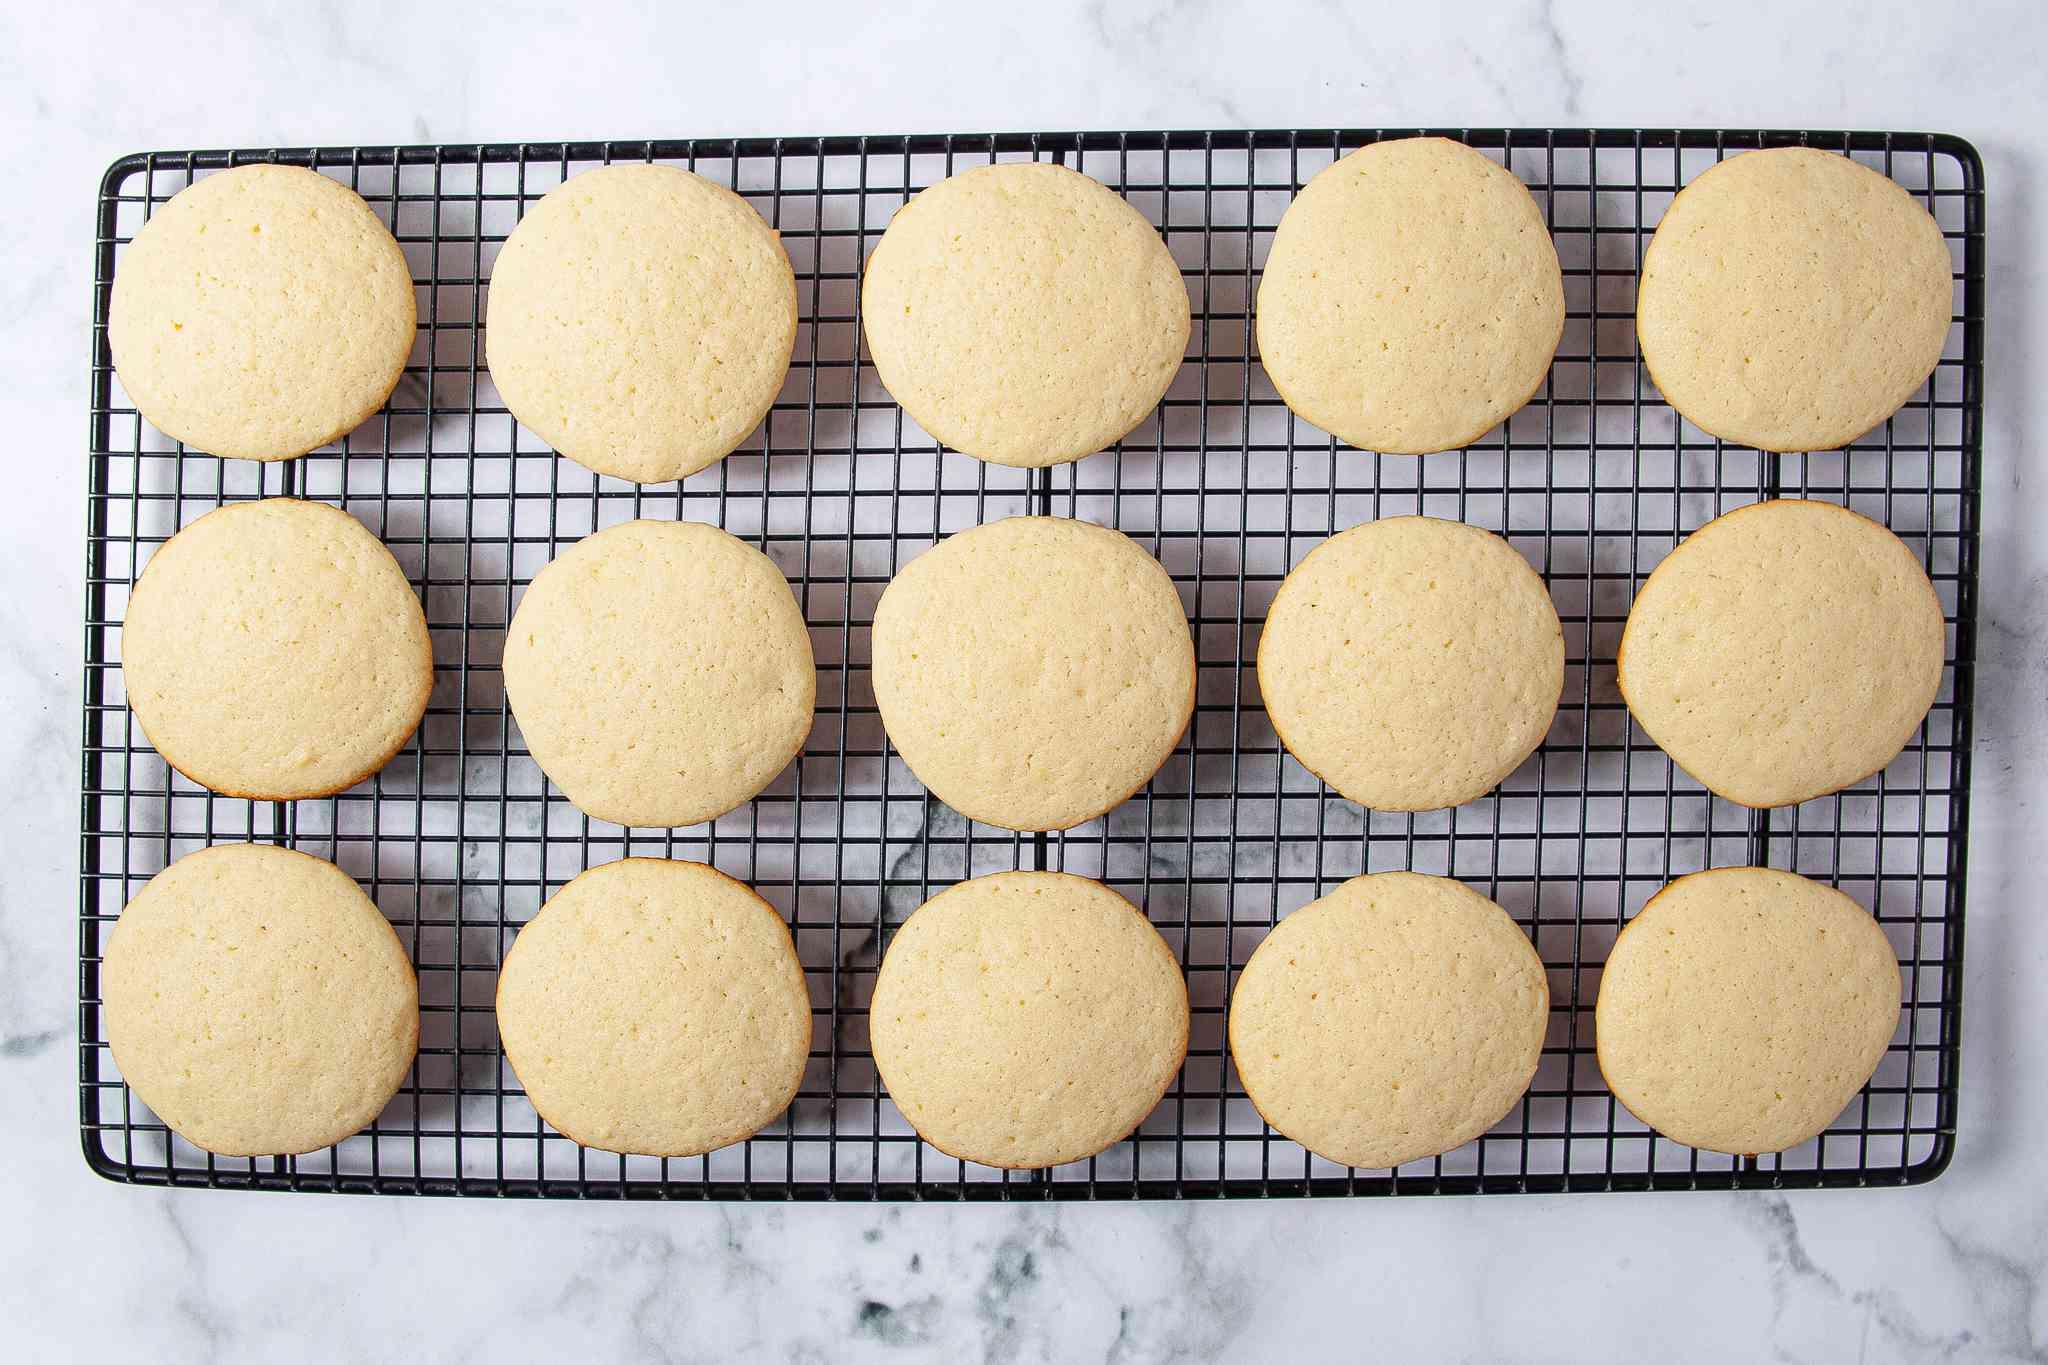 Lemon Ricotta Cookies on cooking rack